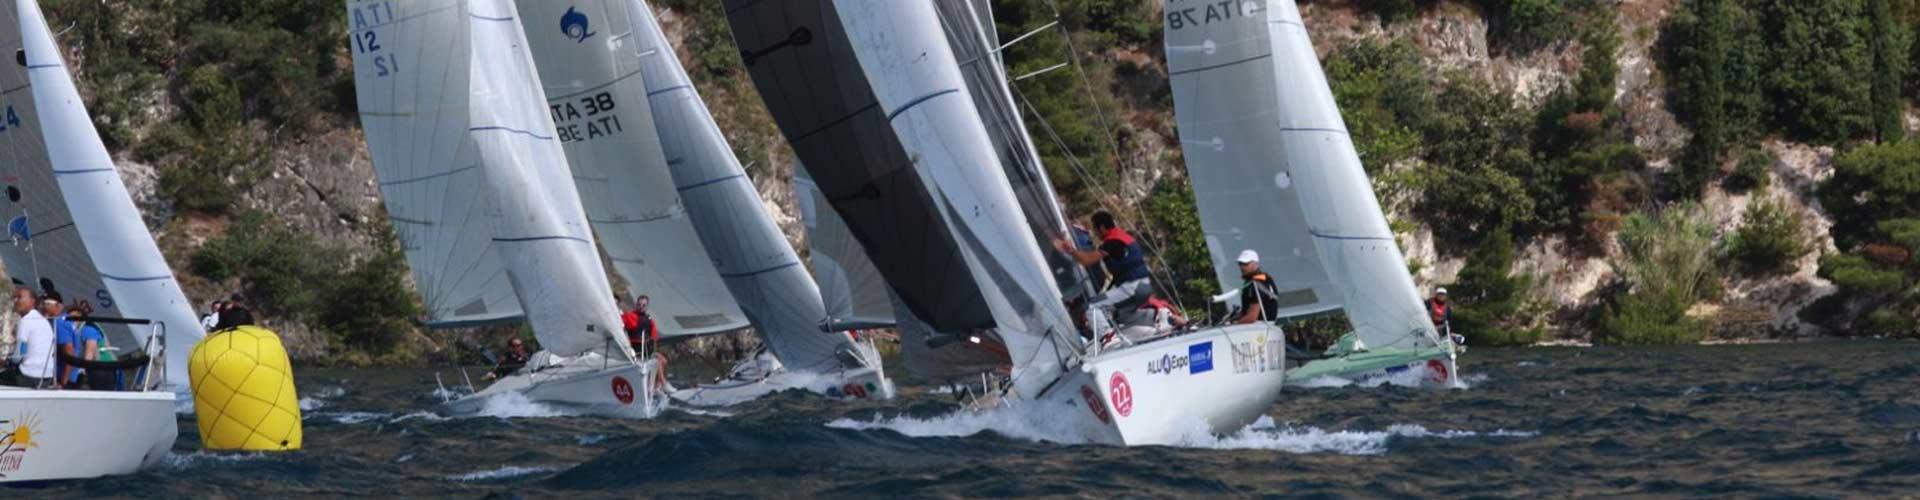 Si conclude con un bilancio positivo la Trans Benaco Cruise Race 2016